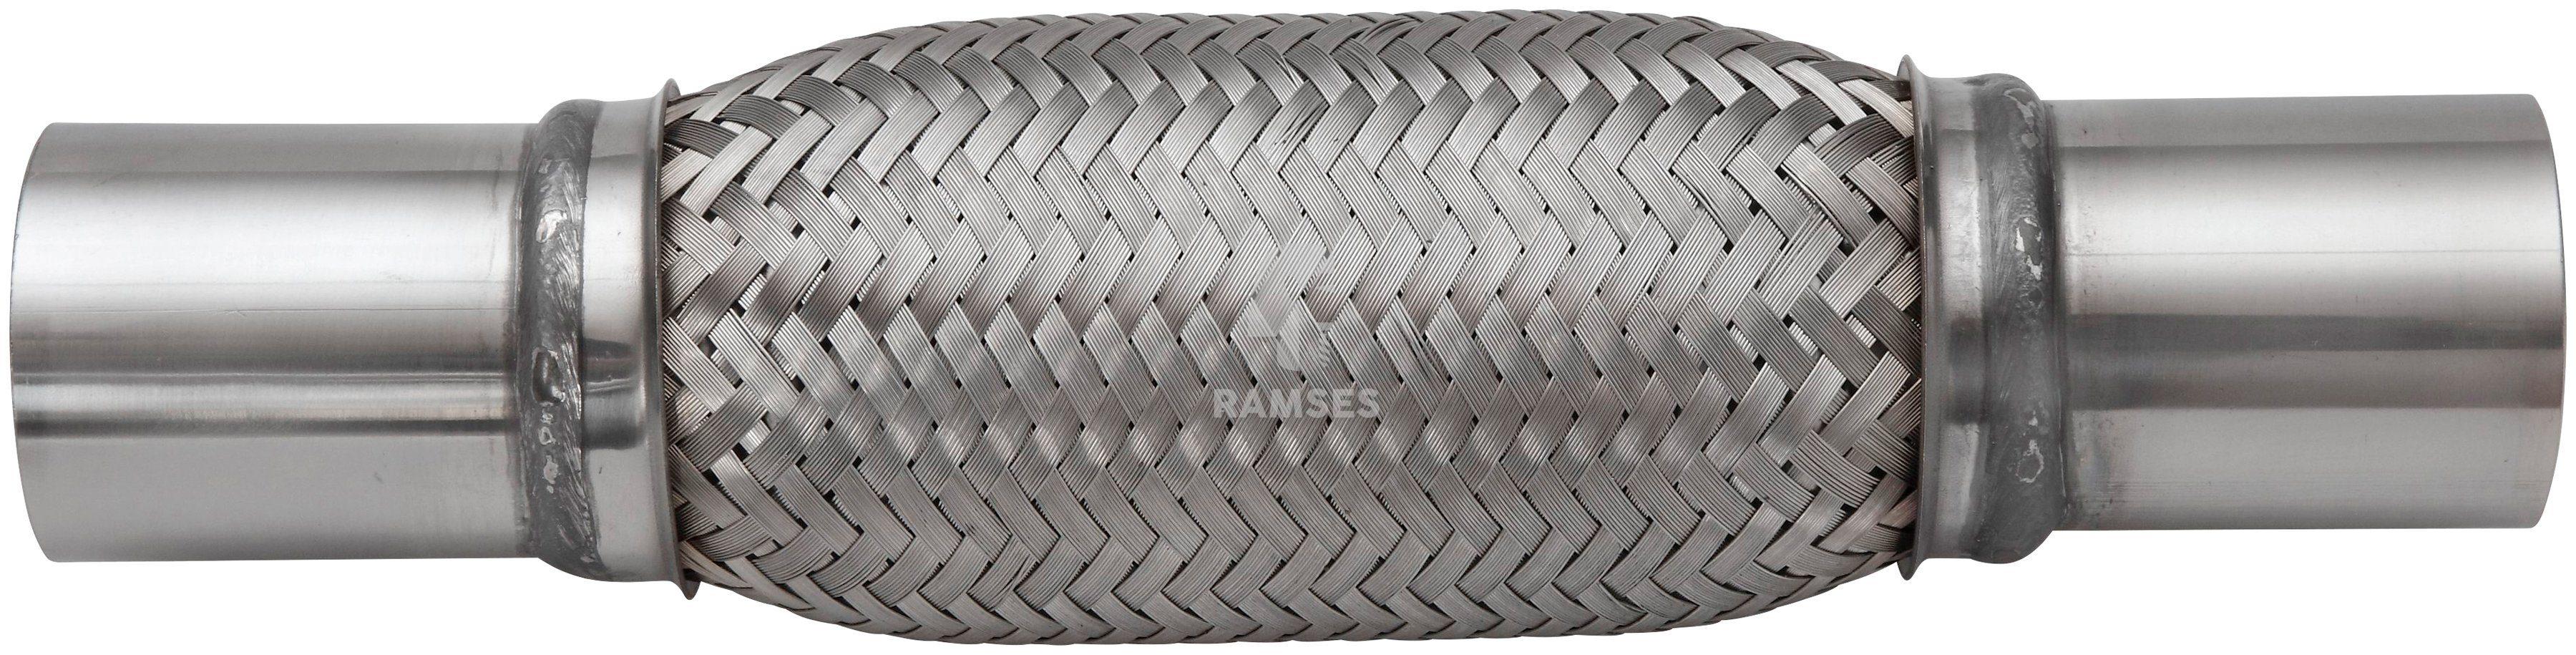 RAMSES Hosenrohr , mit Anschlussstutzen 71 X 200 mm Edelstahl A2